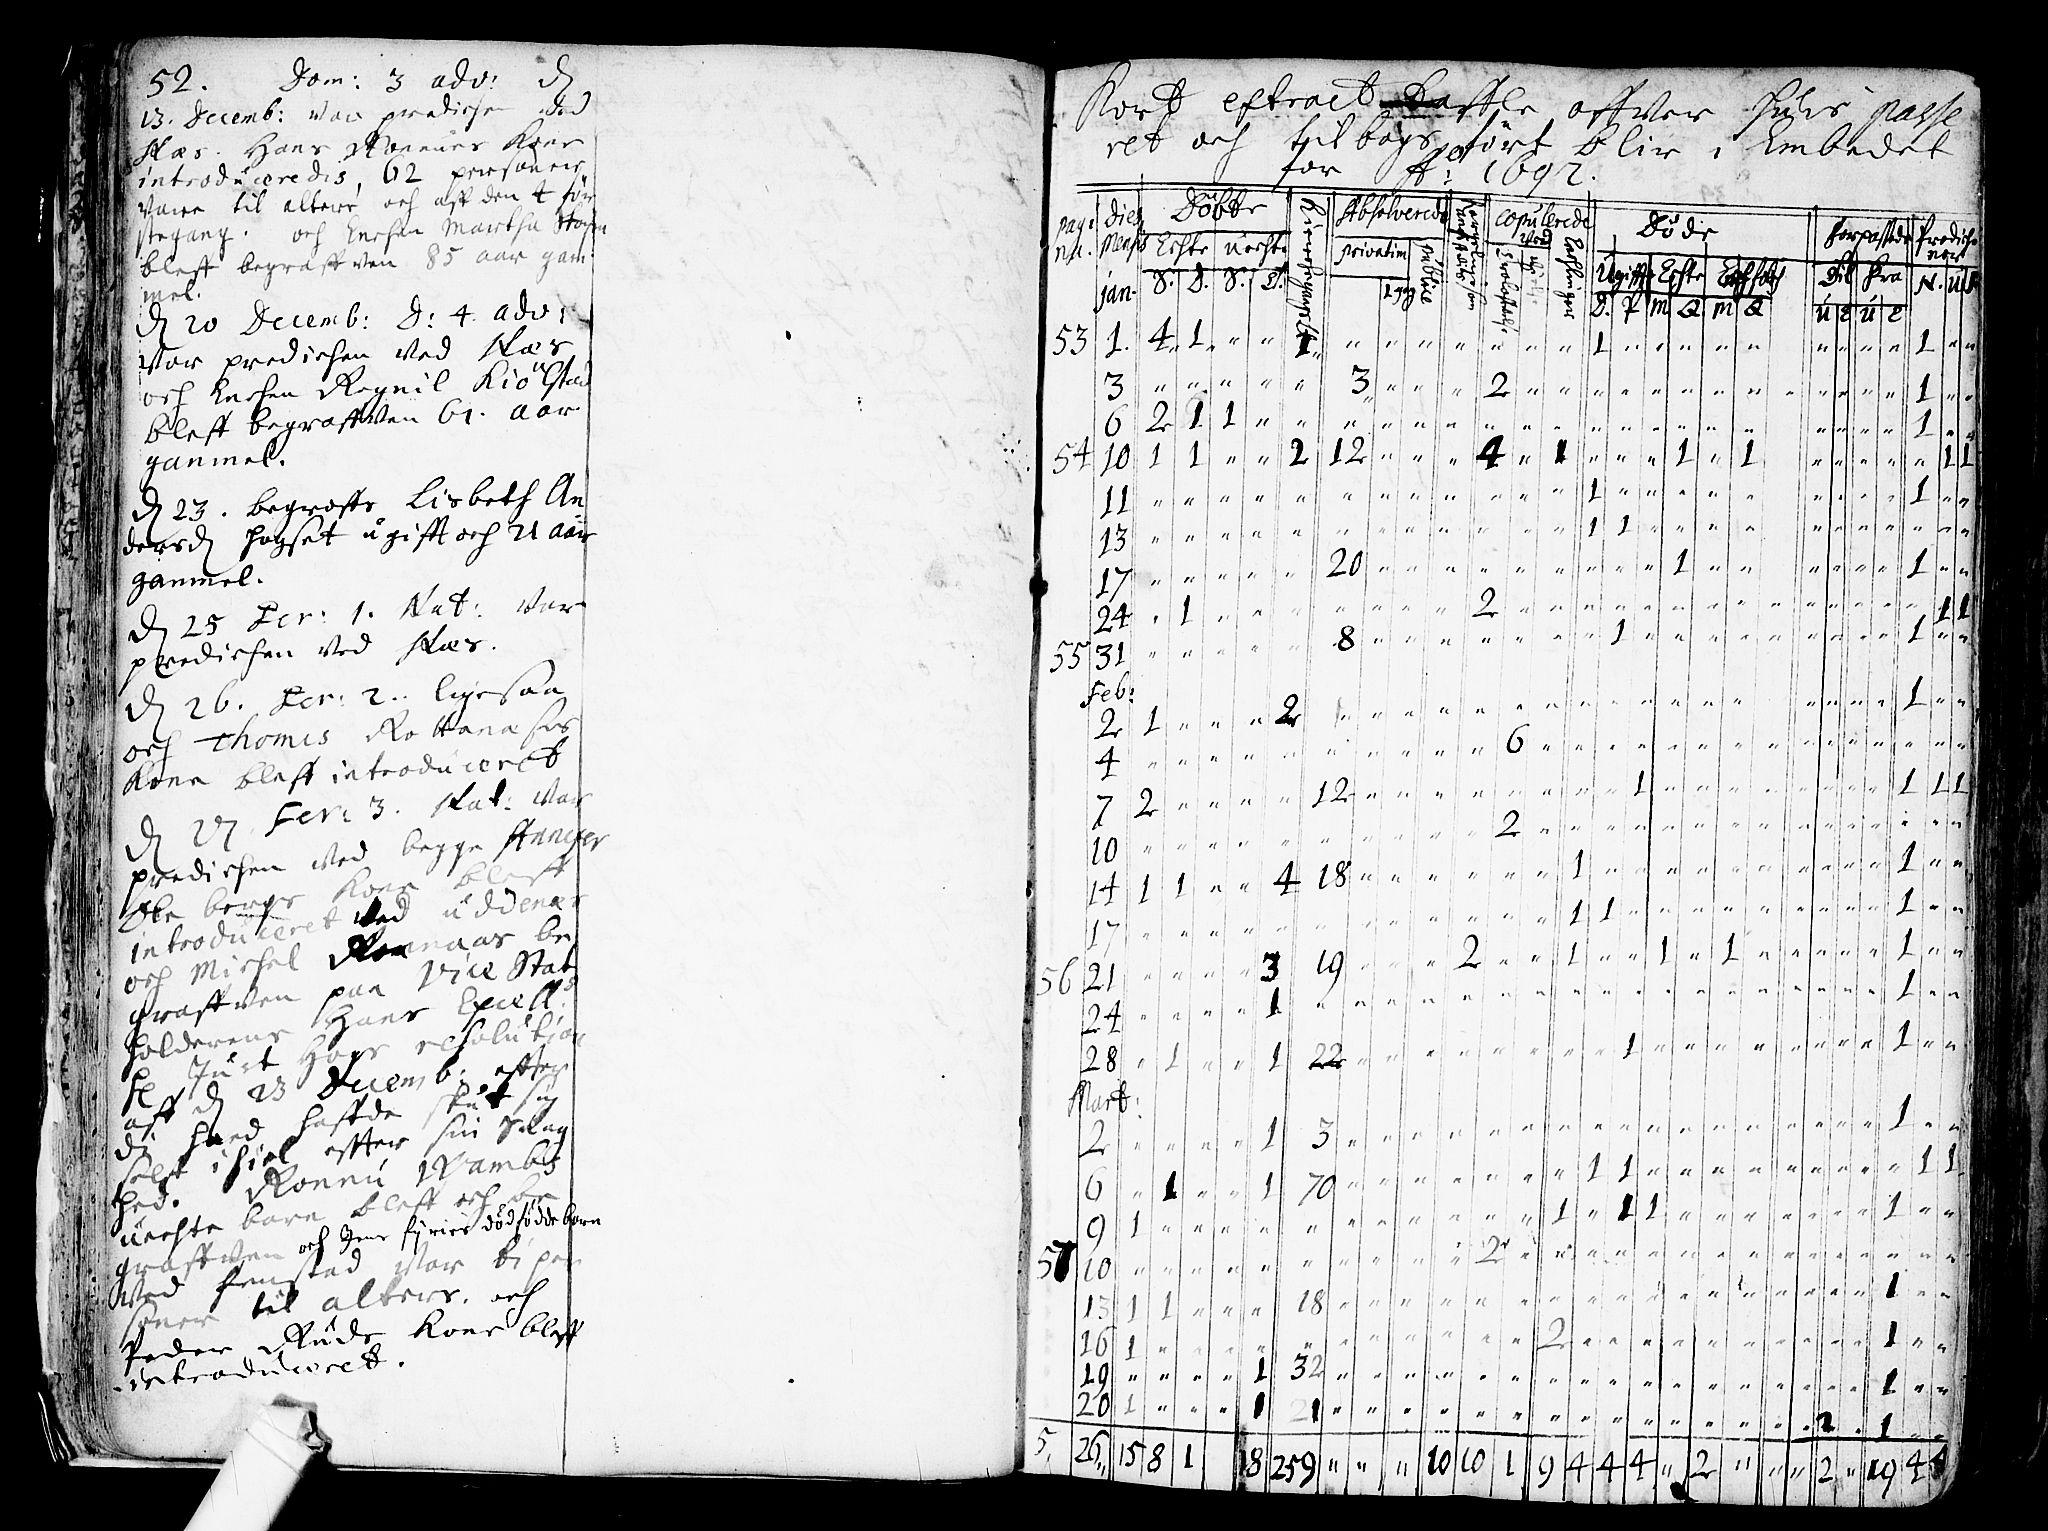 SAO, Nes prestekontor Kirkebøker, F/Fa/L0001: Ministerialbok nr. I 1, 1689-1716, s. 52a-52b